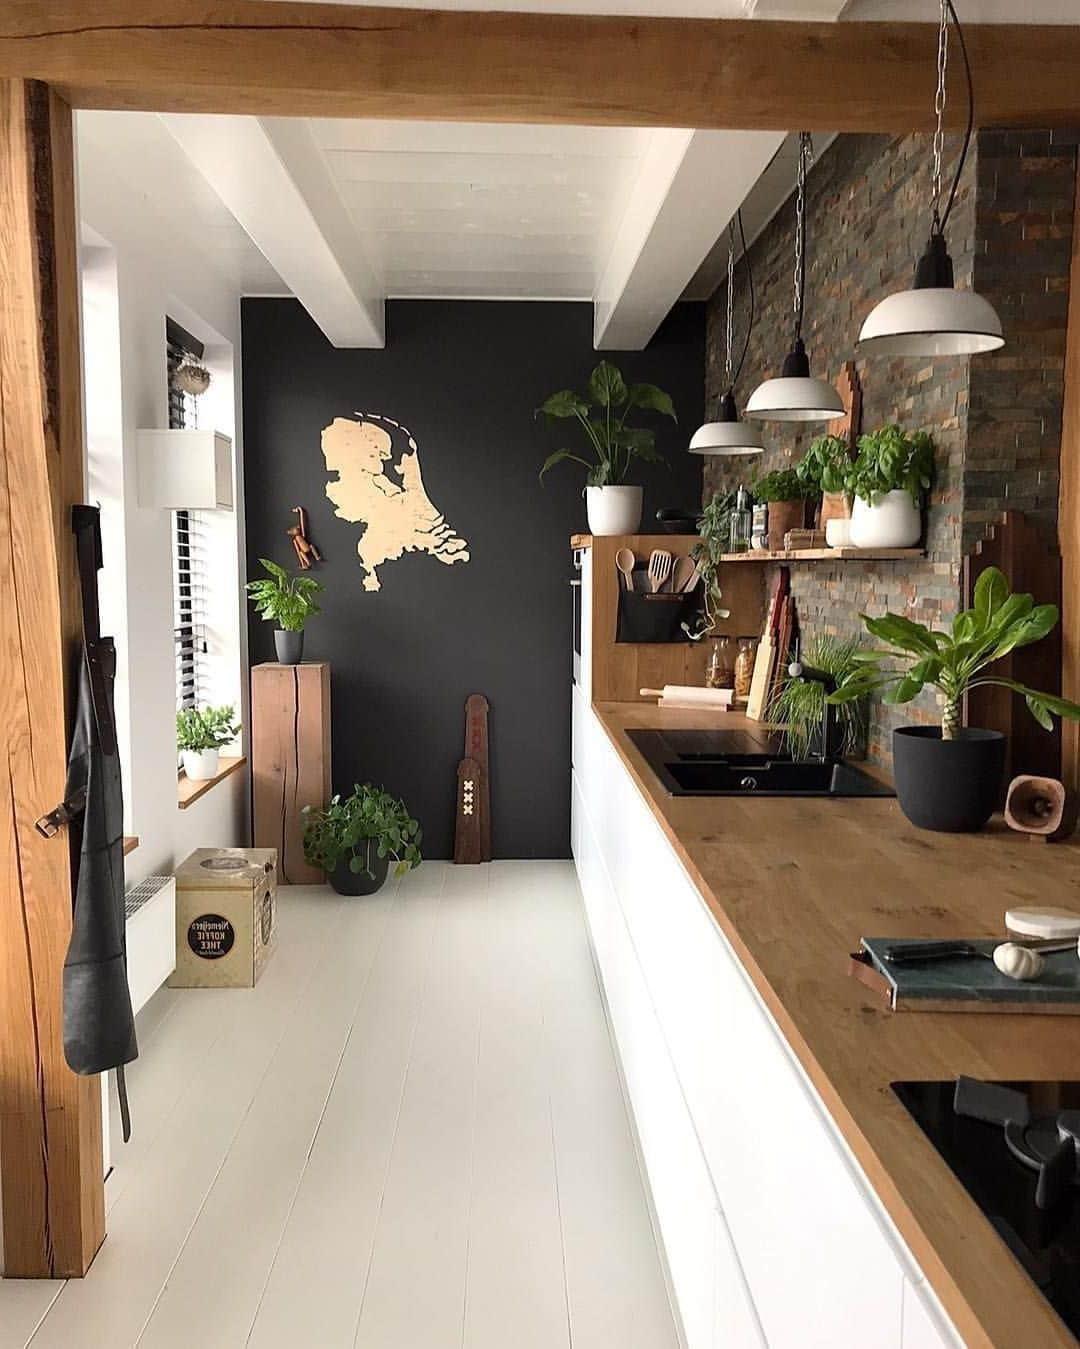 Дизайн черной кухни: 220+ (фото) сочетаний в интерьере